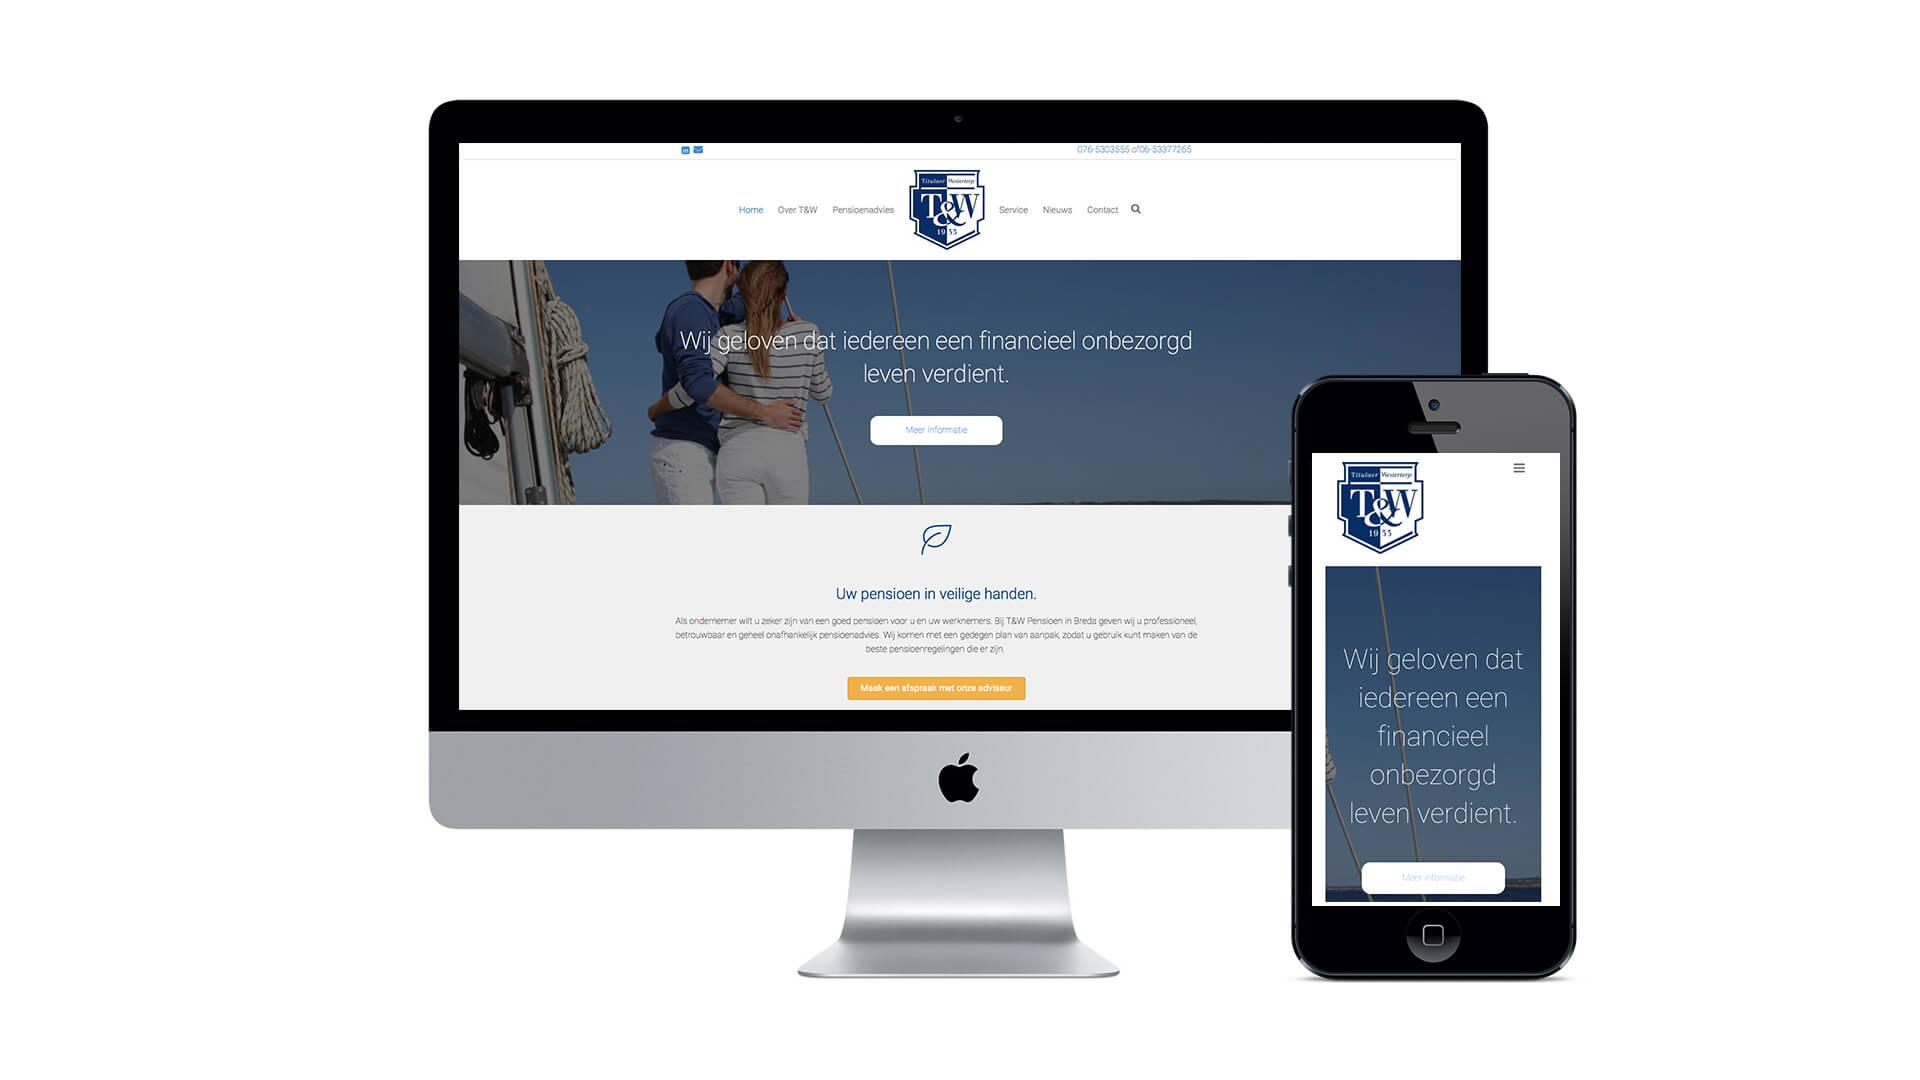 Pensioenadvies breda website